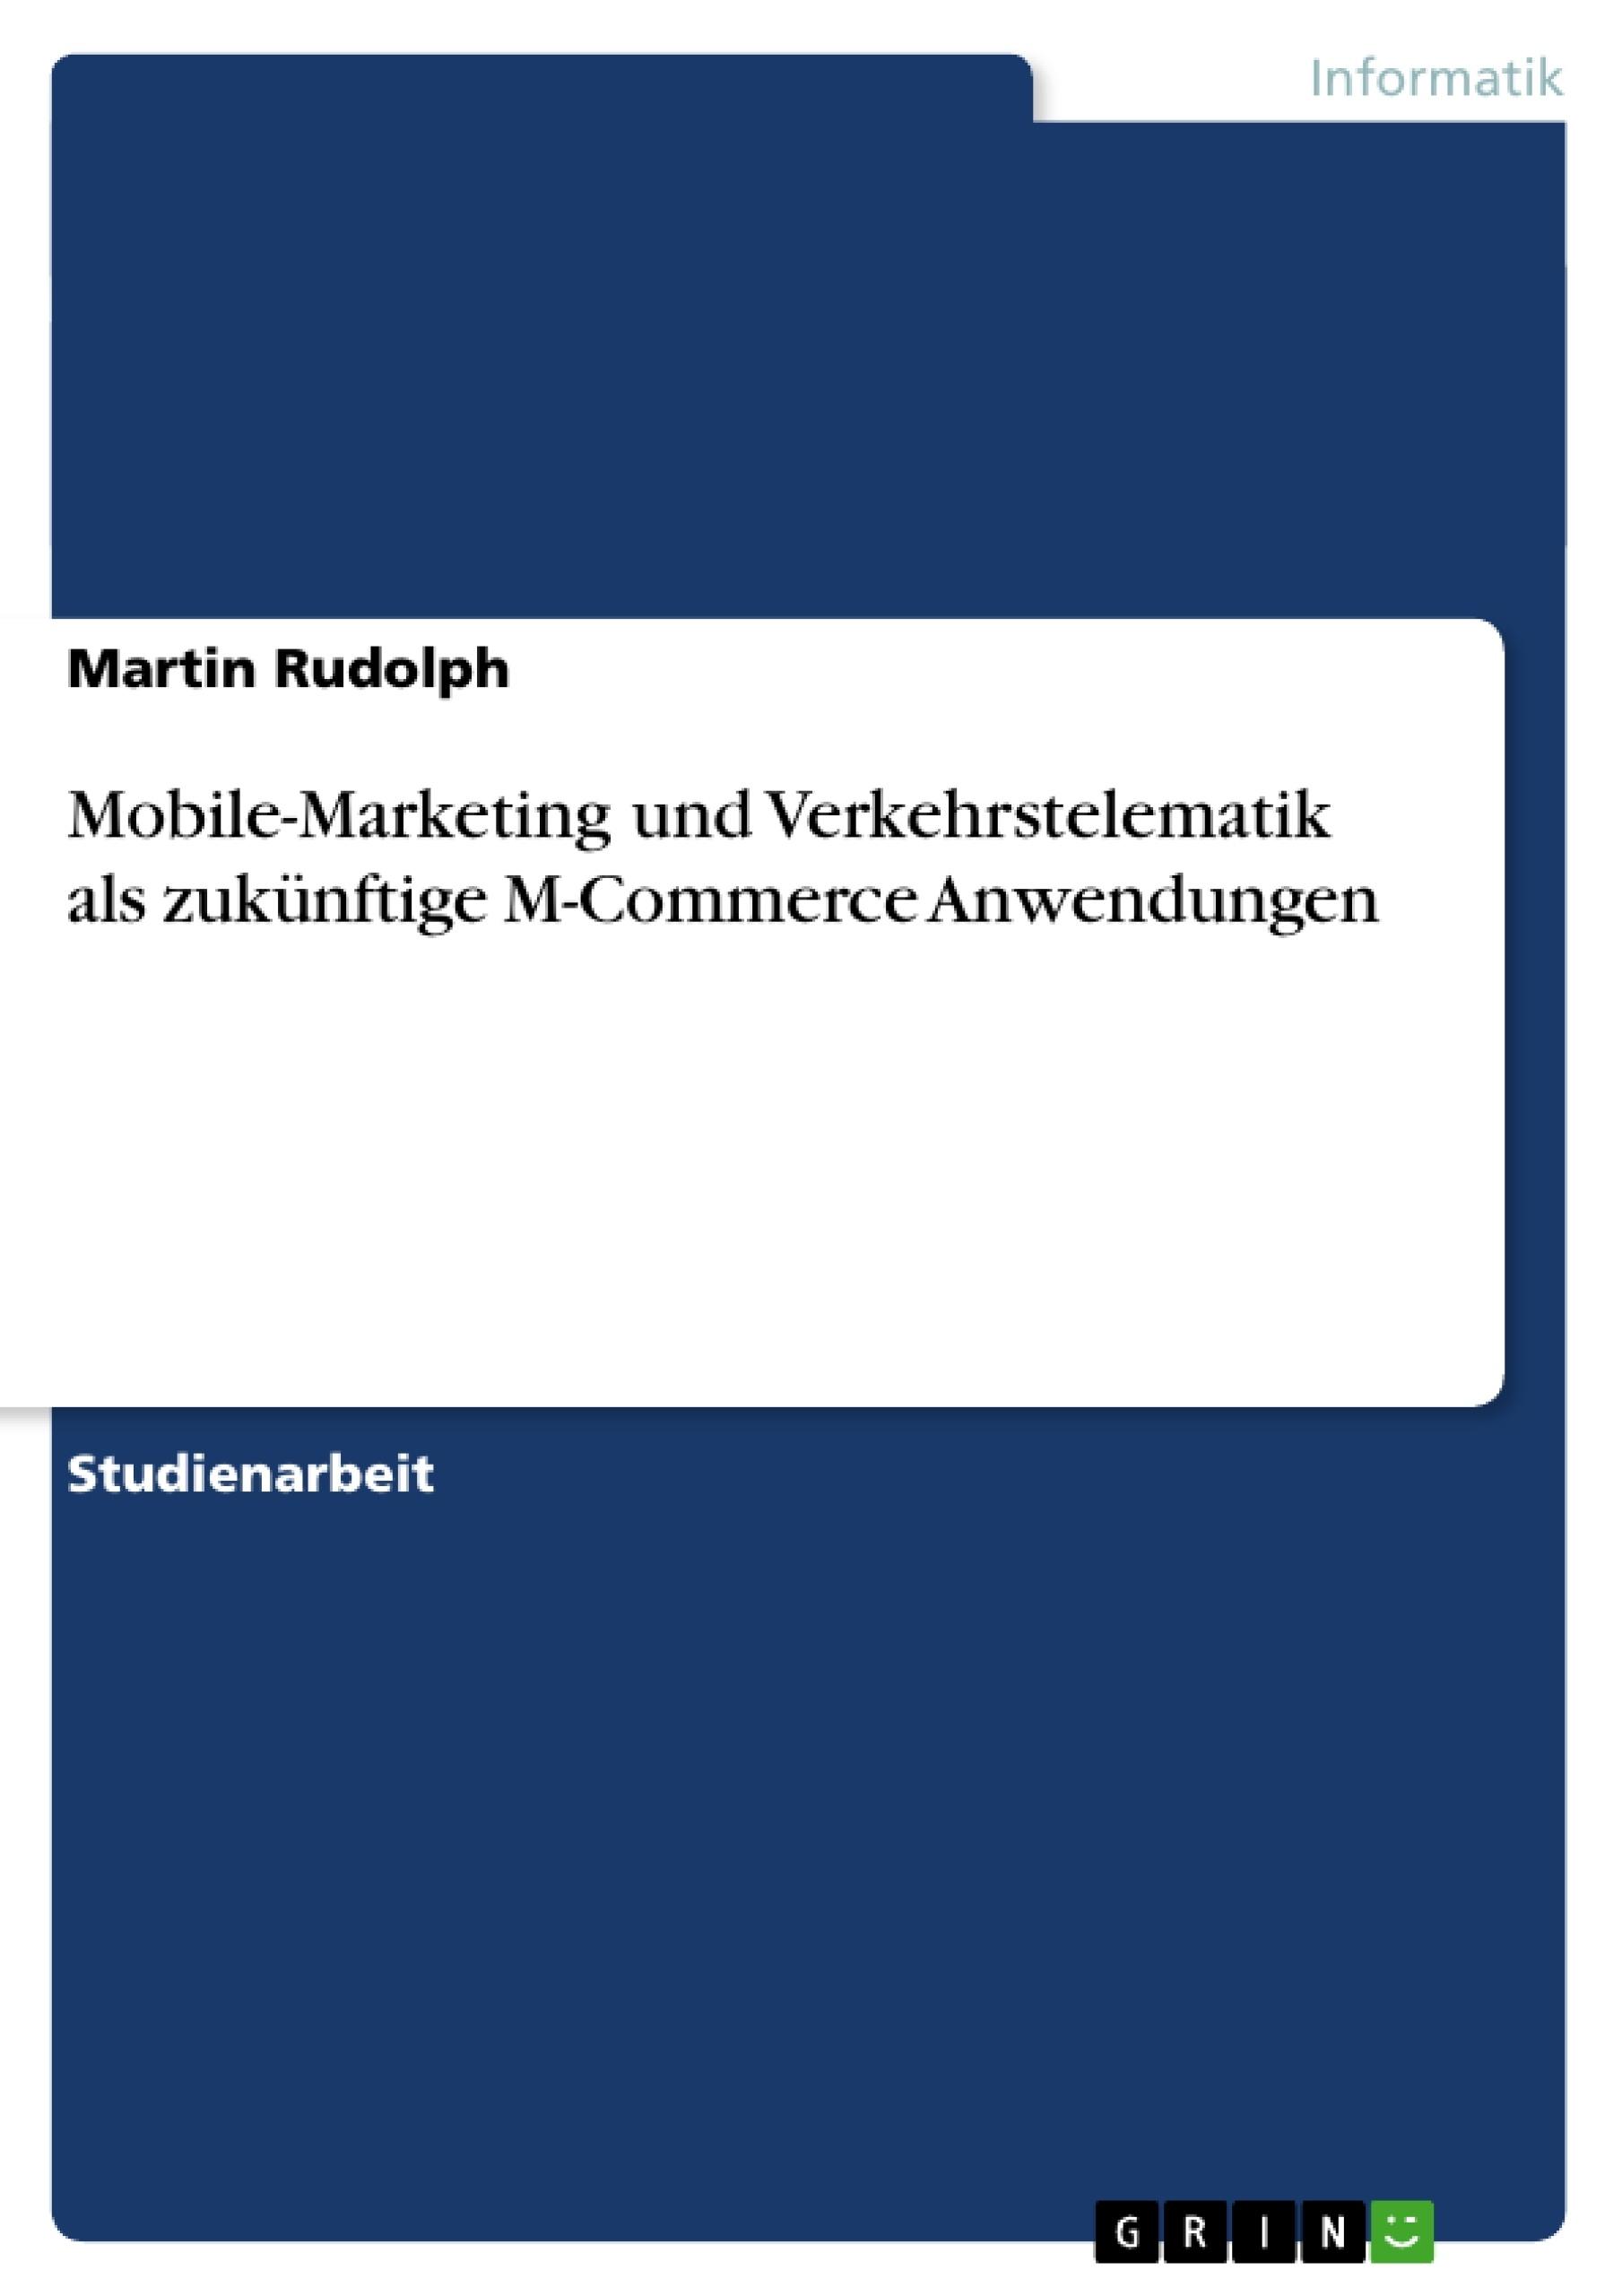 Titel: Mobile-Marketing und Verkehrstelematik als zukünftige M-Commerce Anwendungen